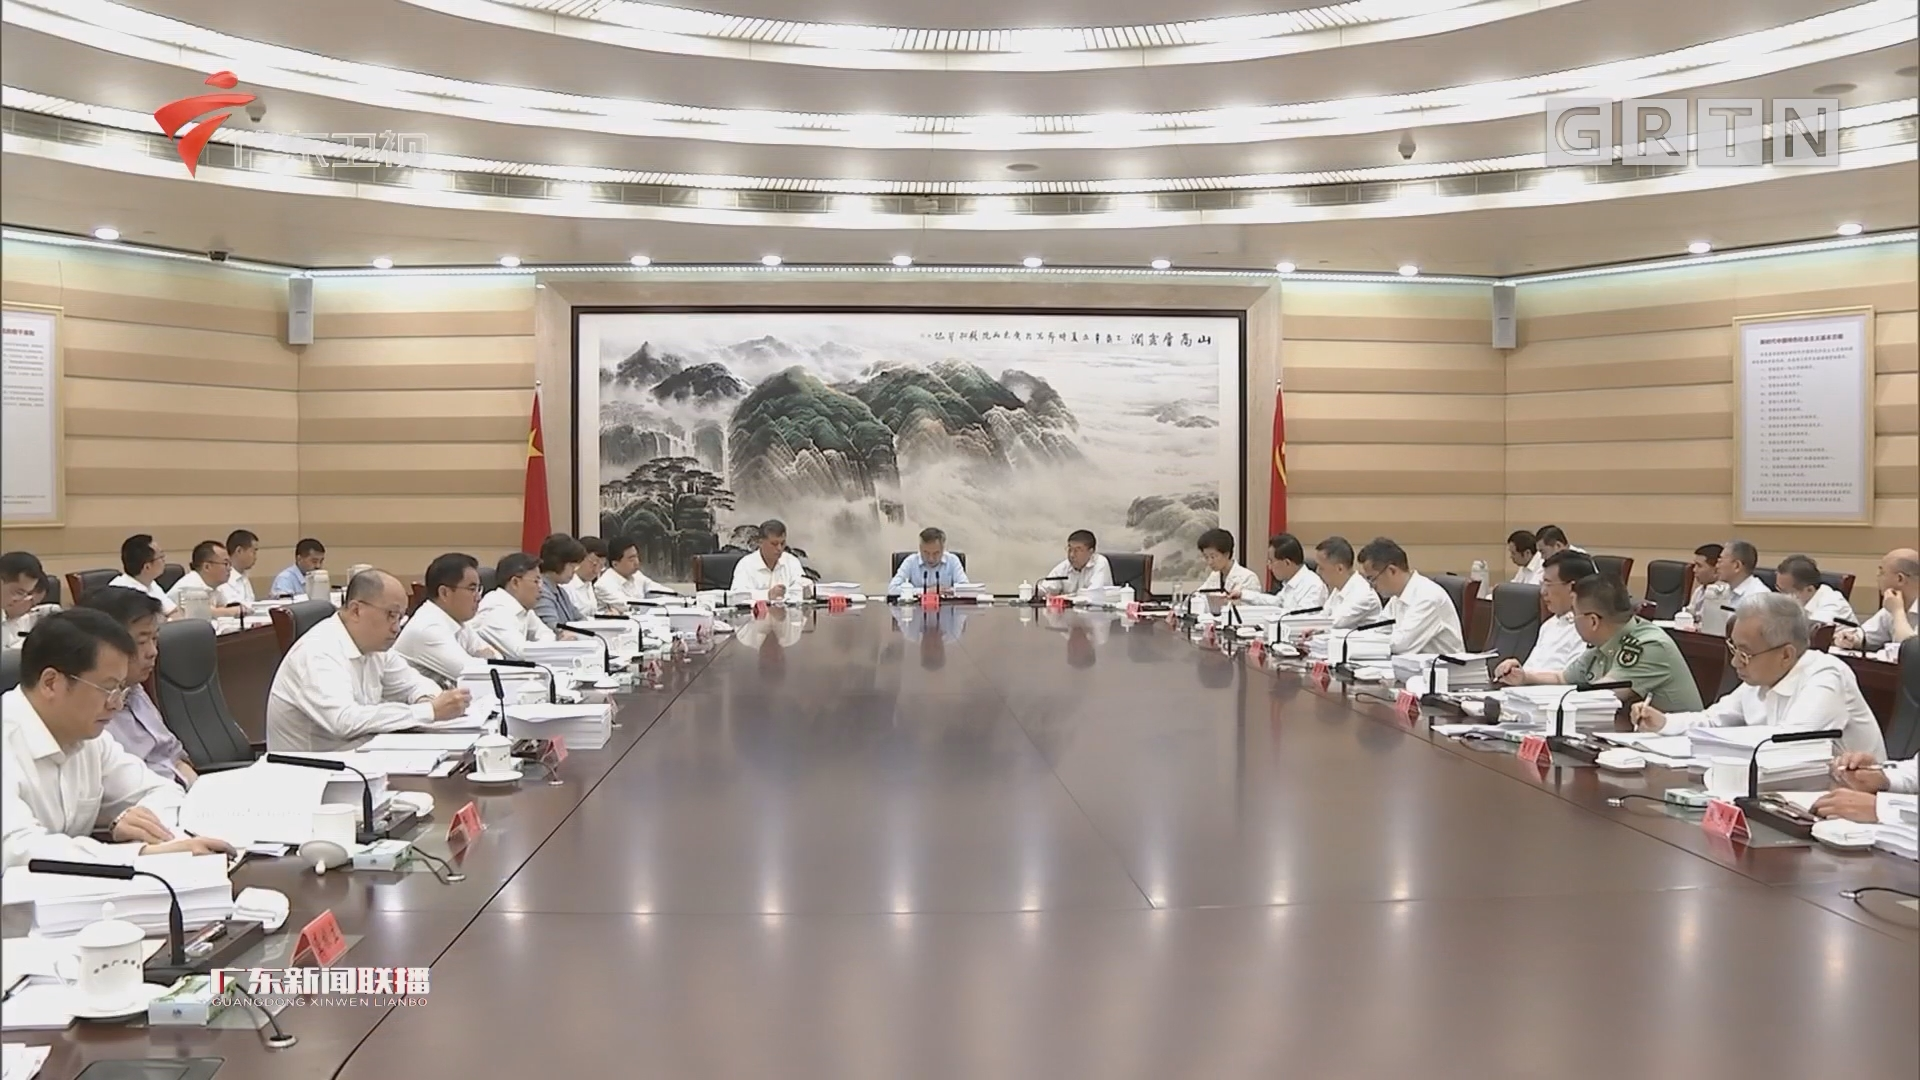 省委常委会召开扩大会议 交流主题教育调研成果和整改落实进展情况